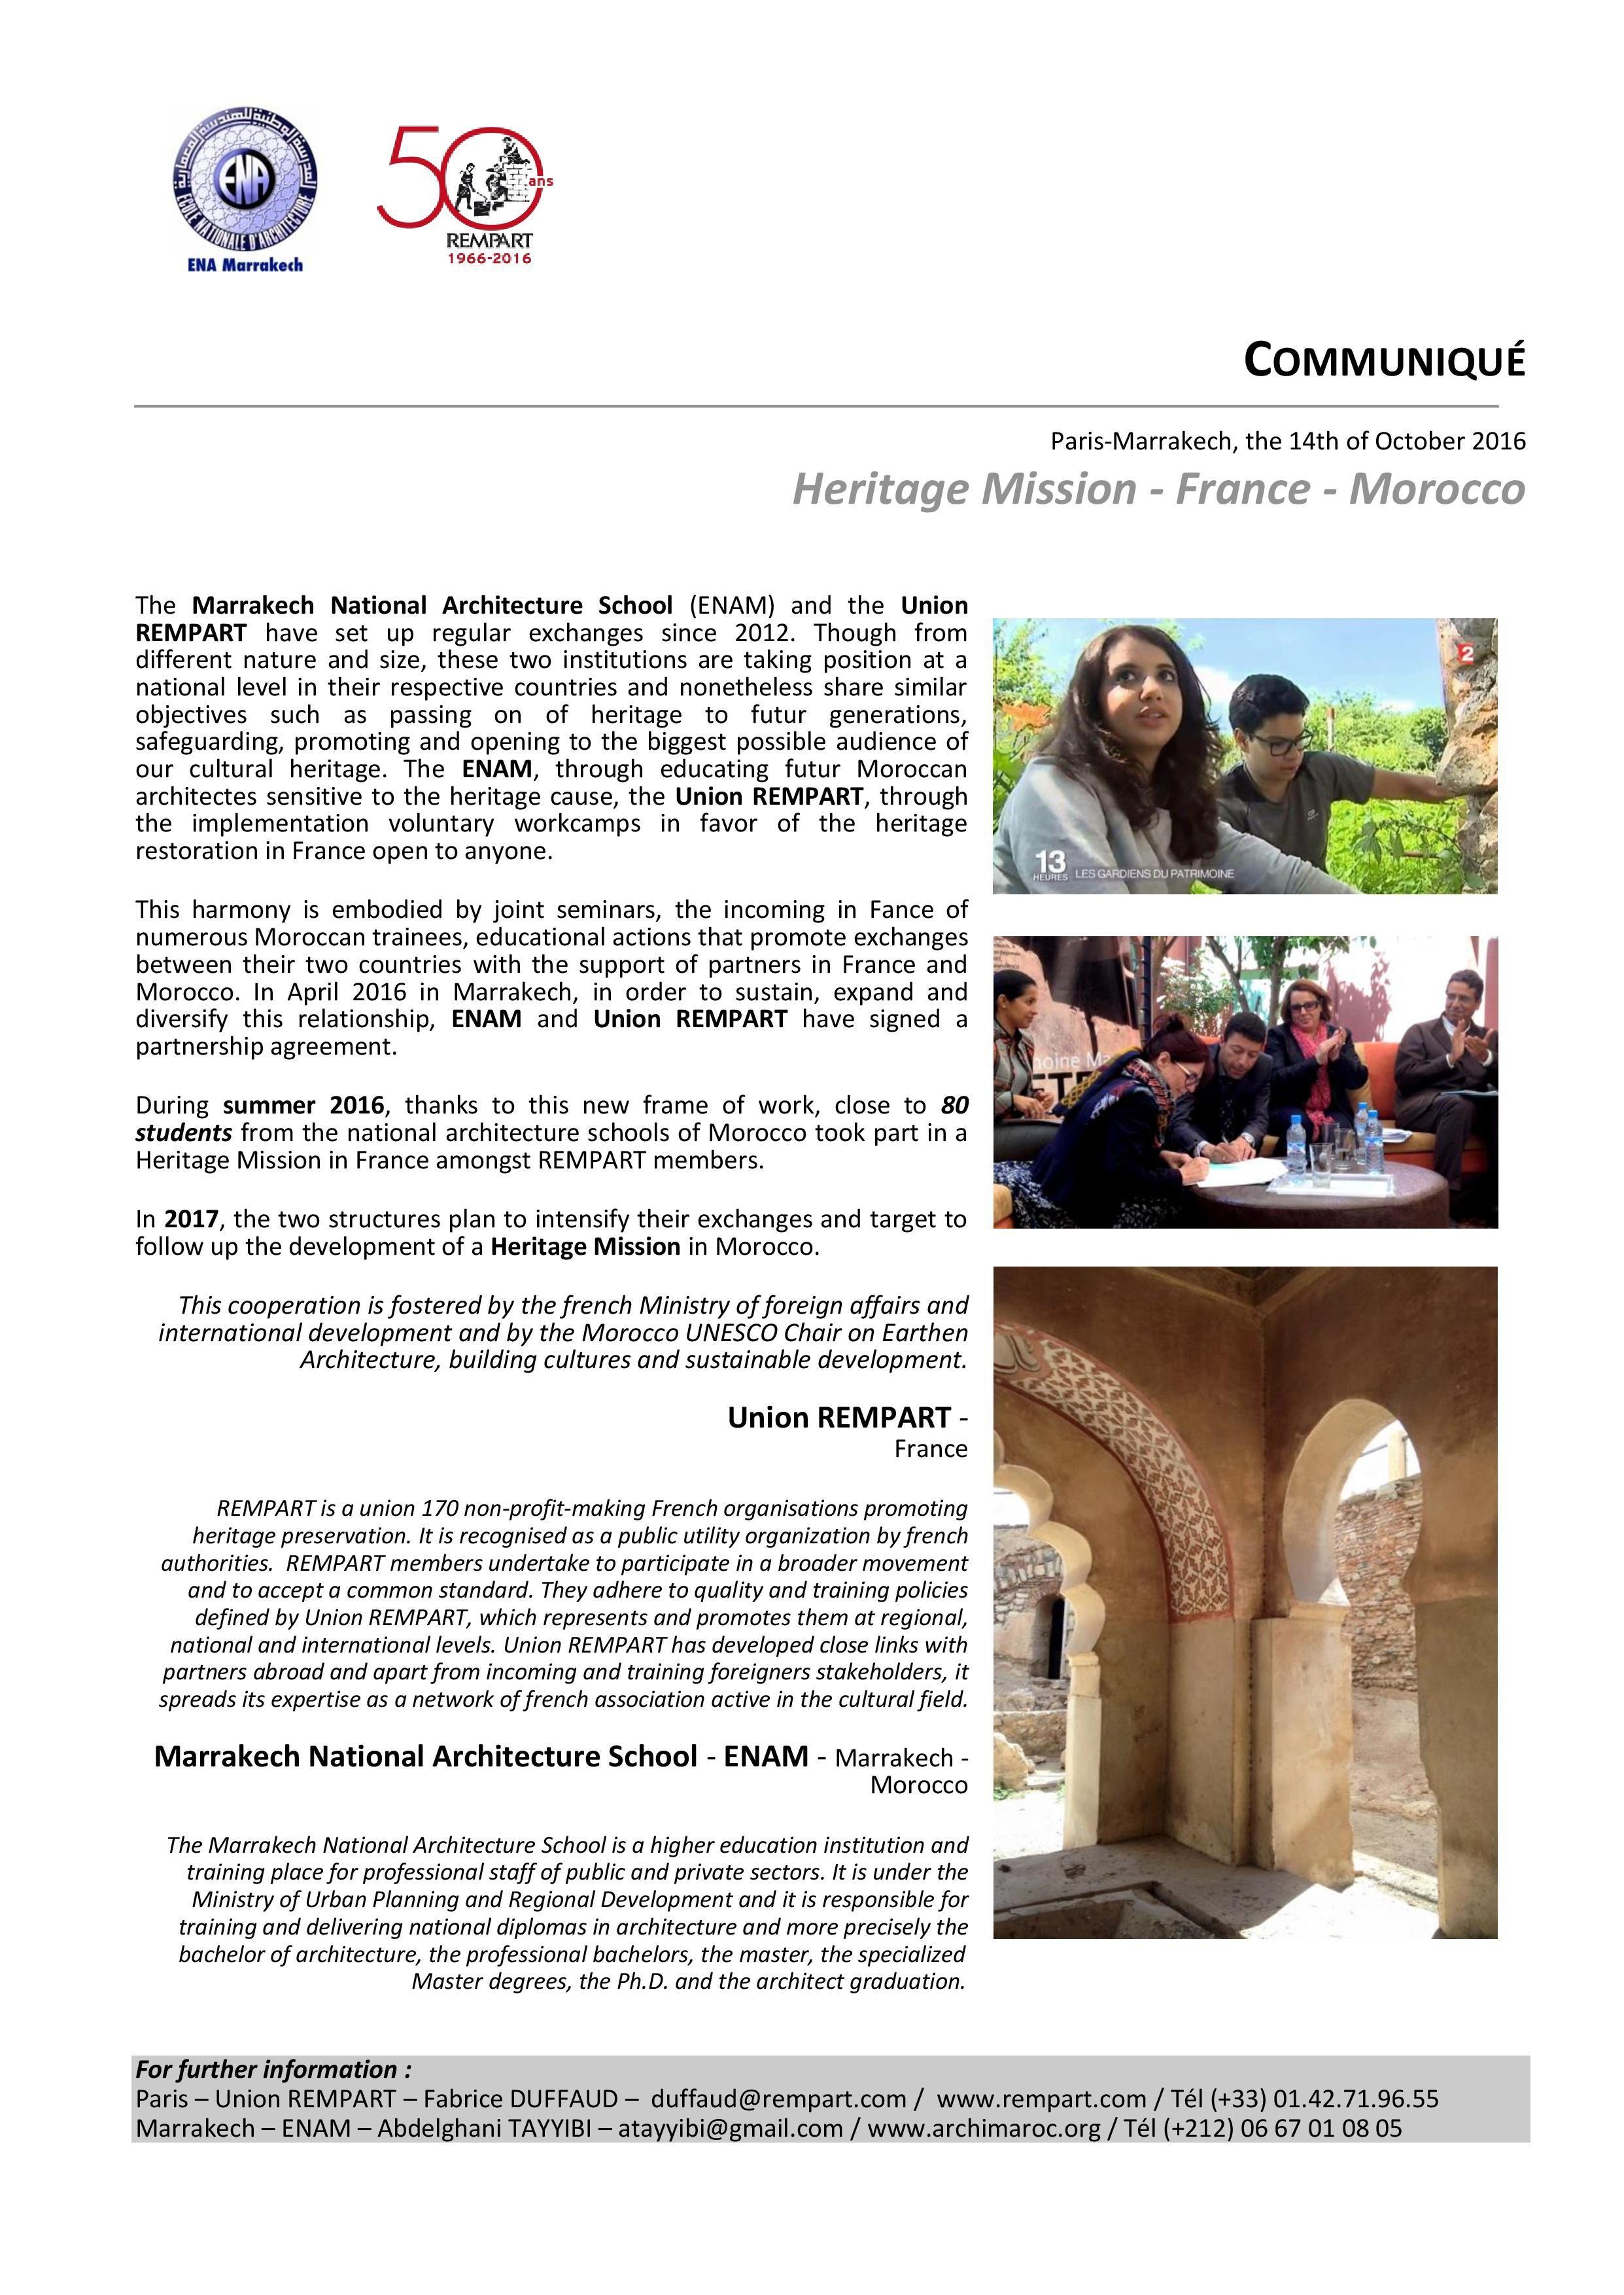 Épinglé par Tayyibi sur Architecture et Education 1